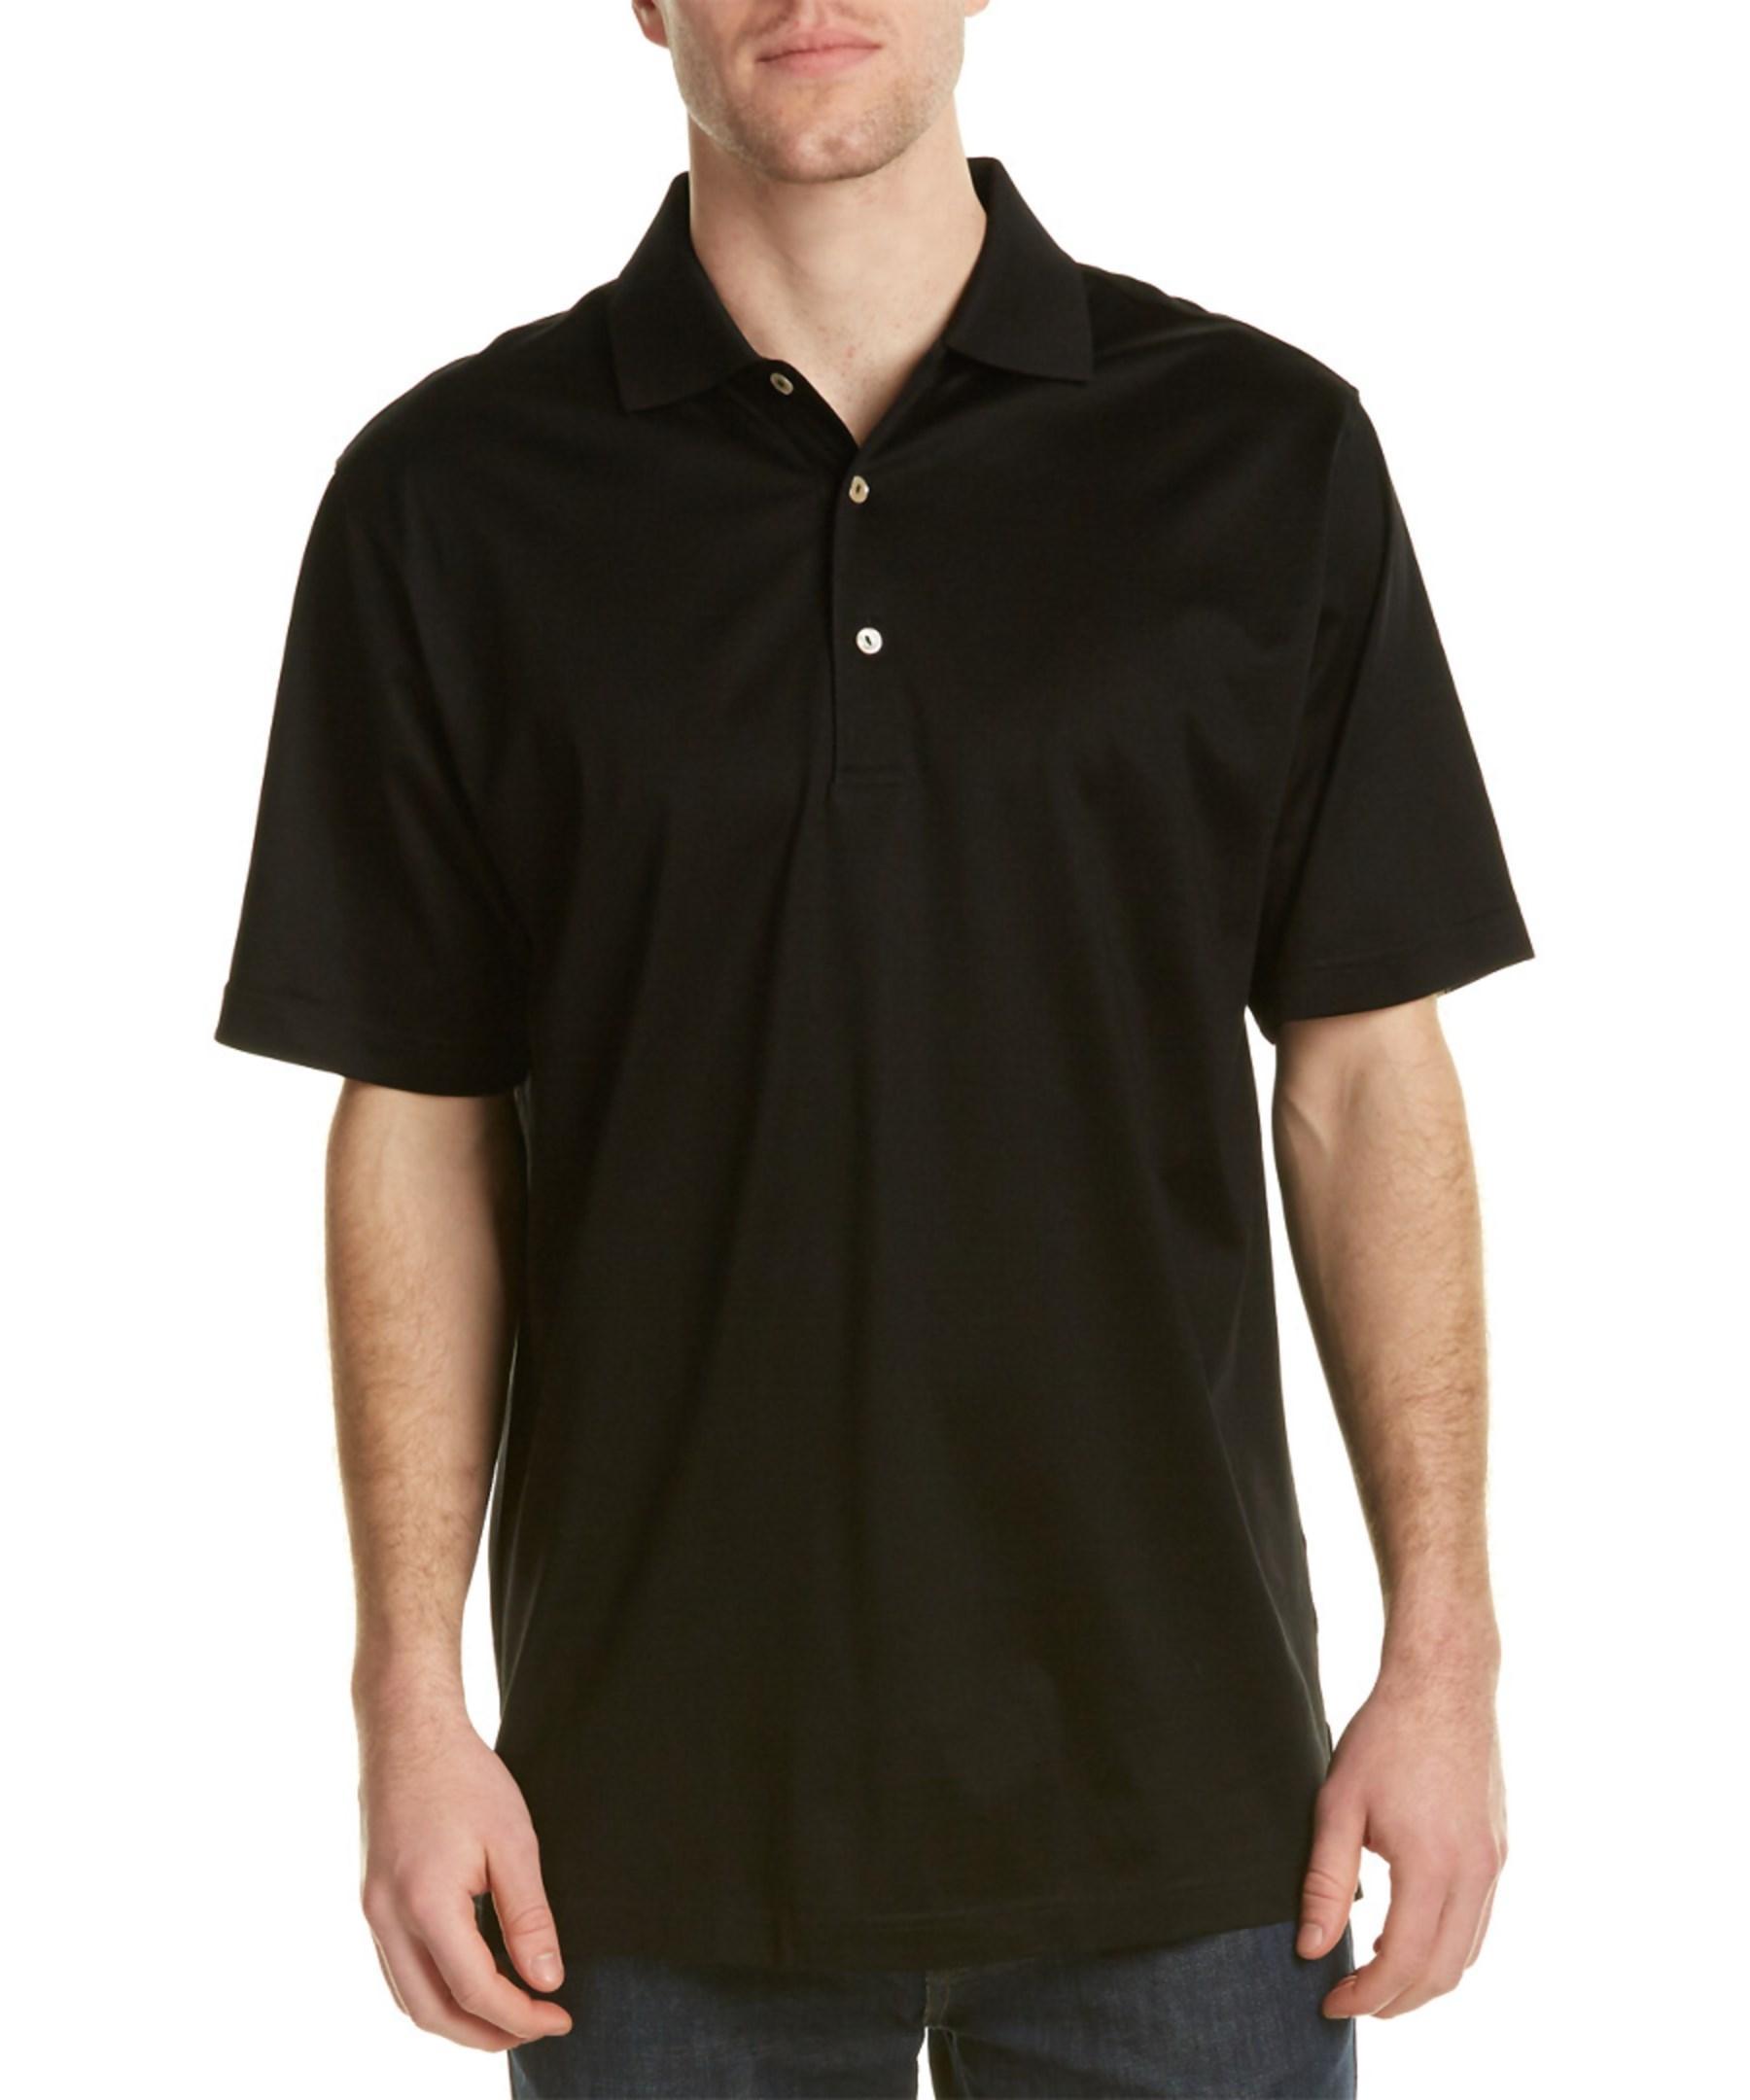 Peter millar lisle polo shirt in black for men lyst for Peter millar polo shirts